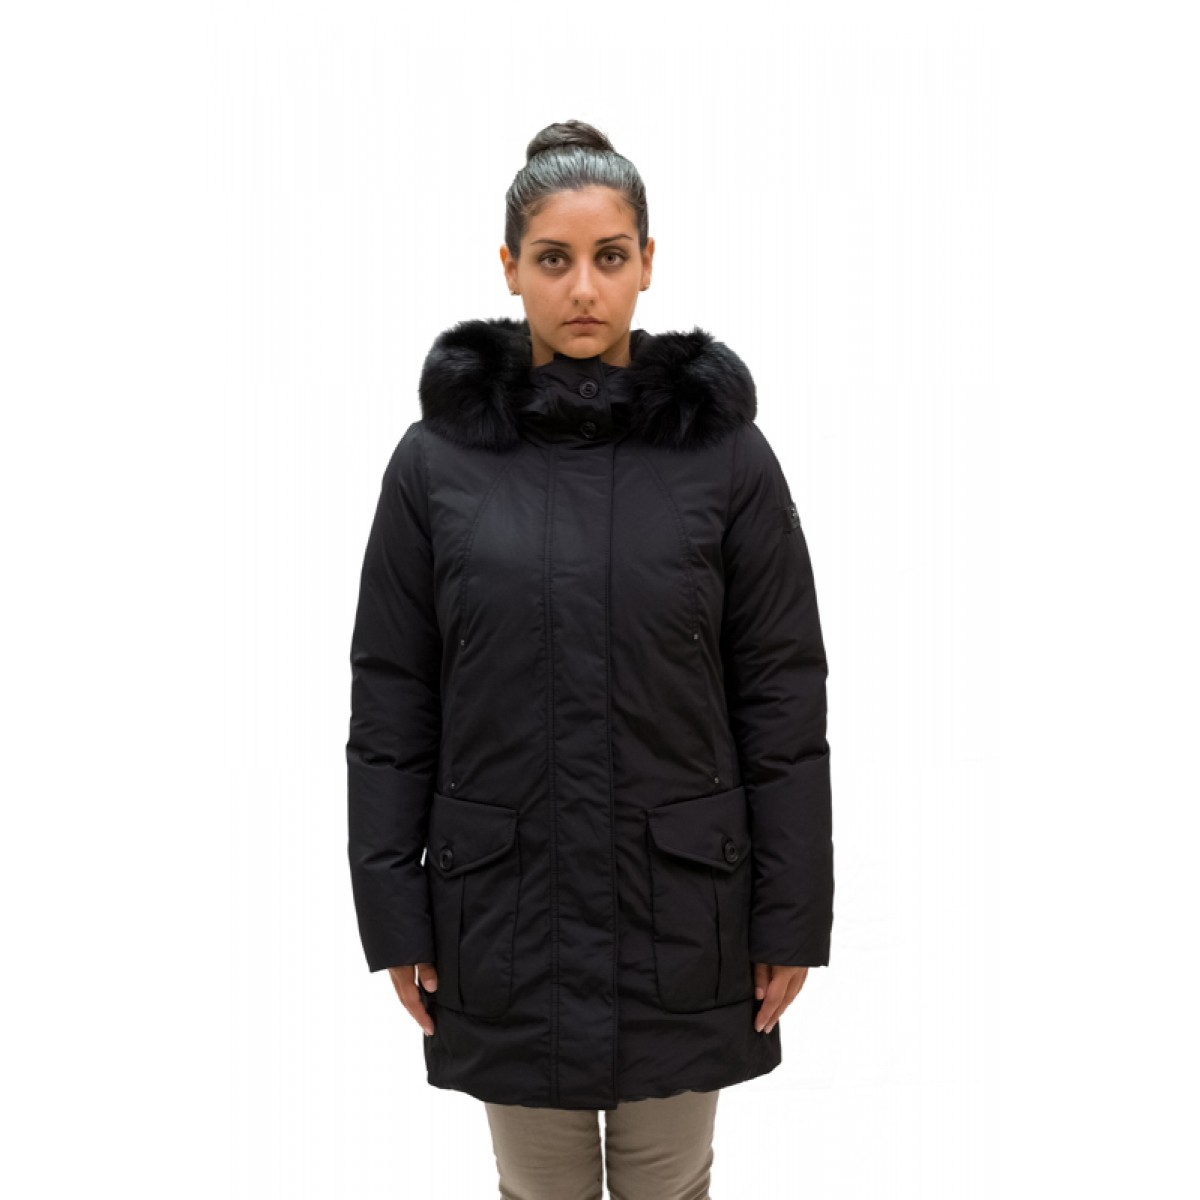 size 40 c8a47 77b66 Peuterey Giaccone Donna Regina Fur con Bordo in Volpe Nero